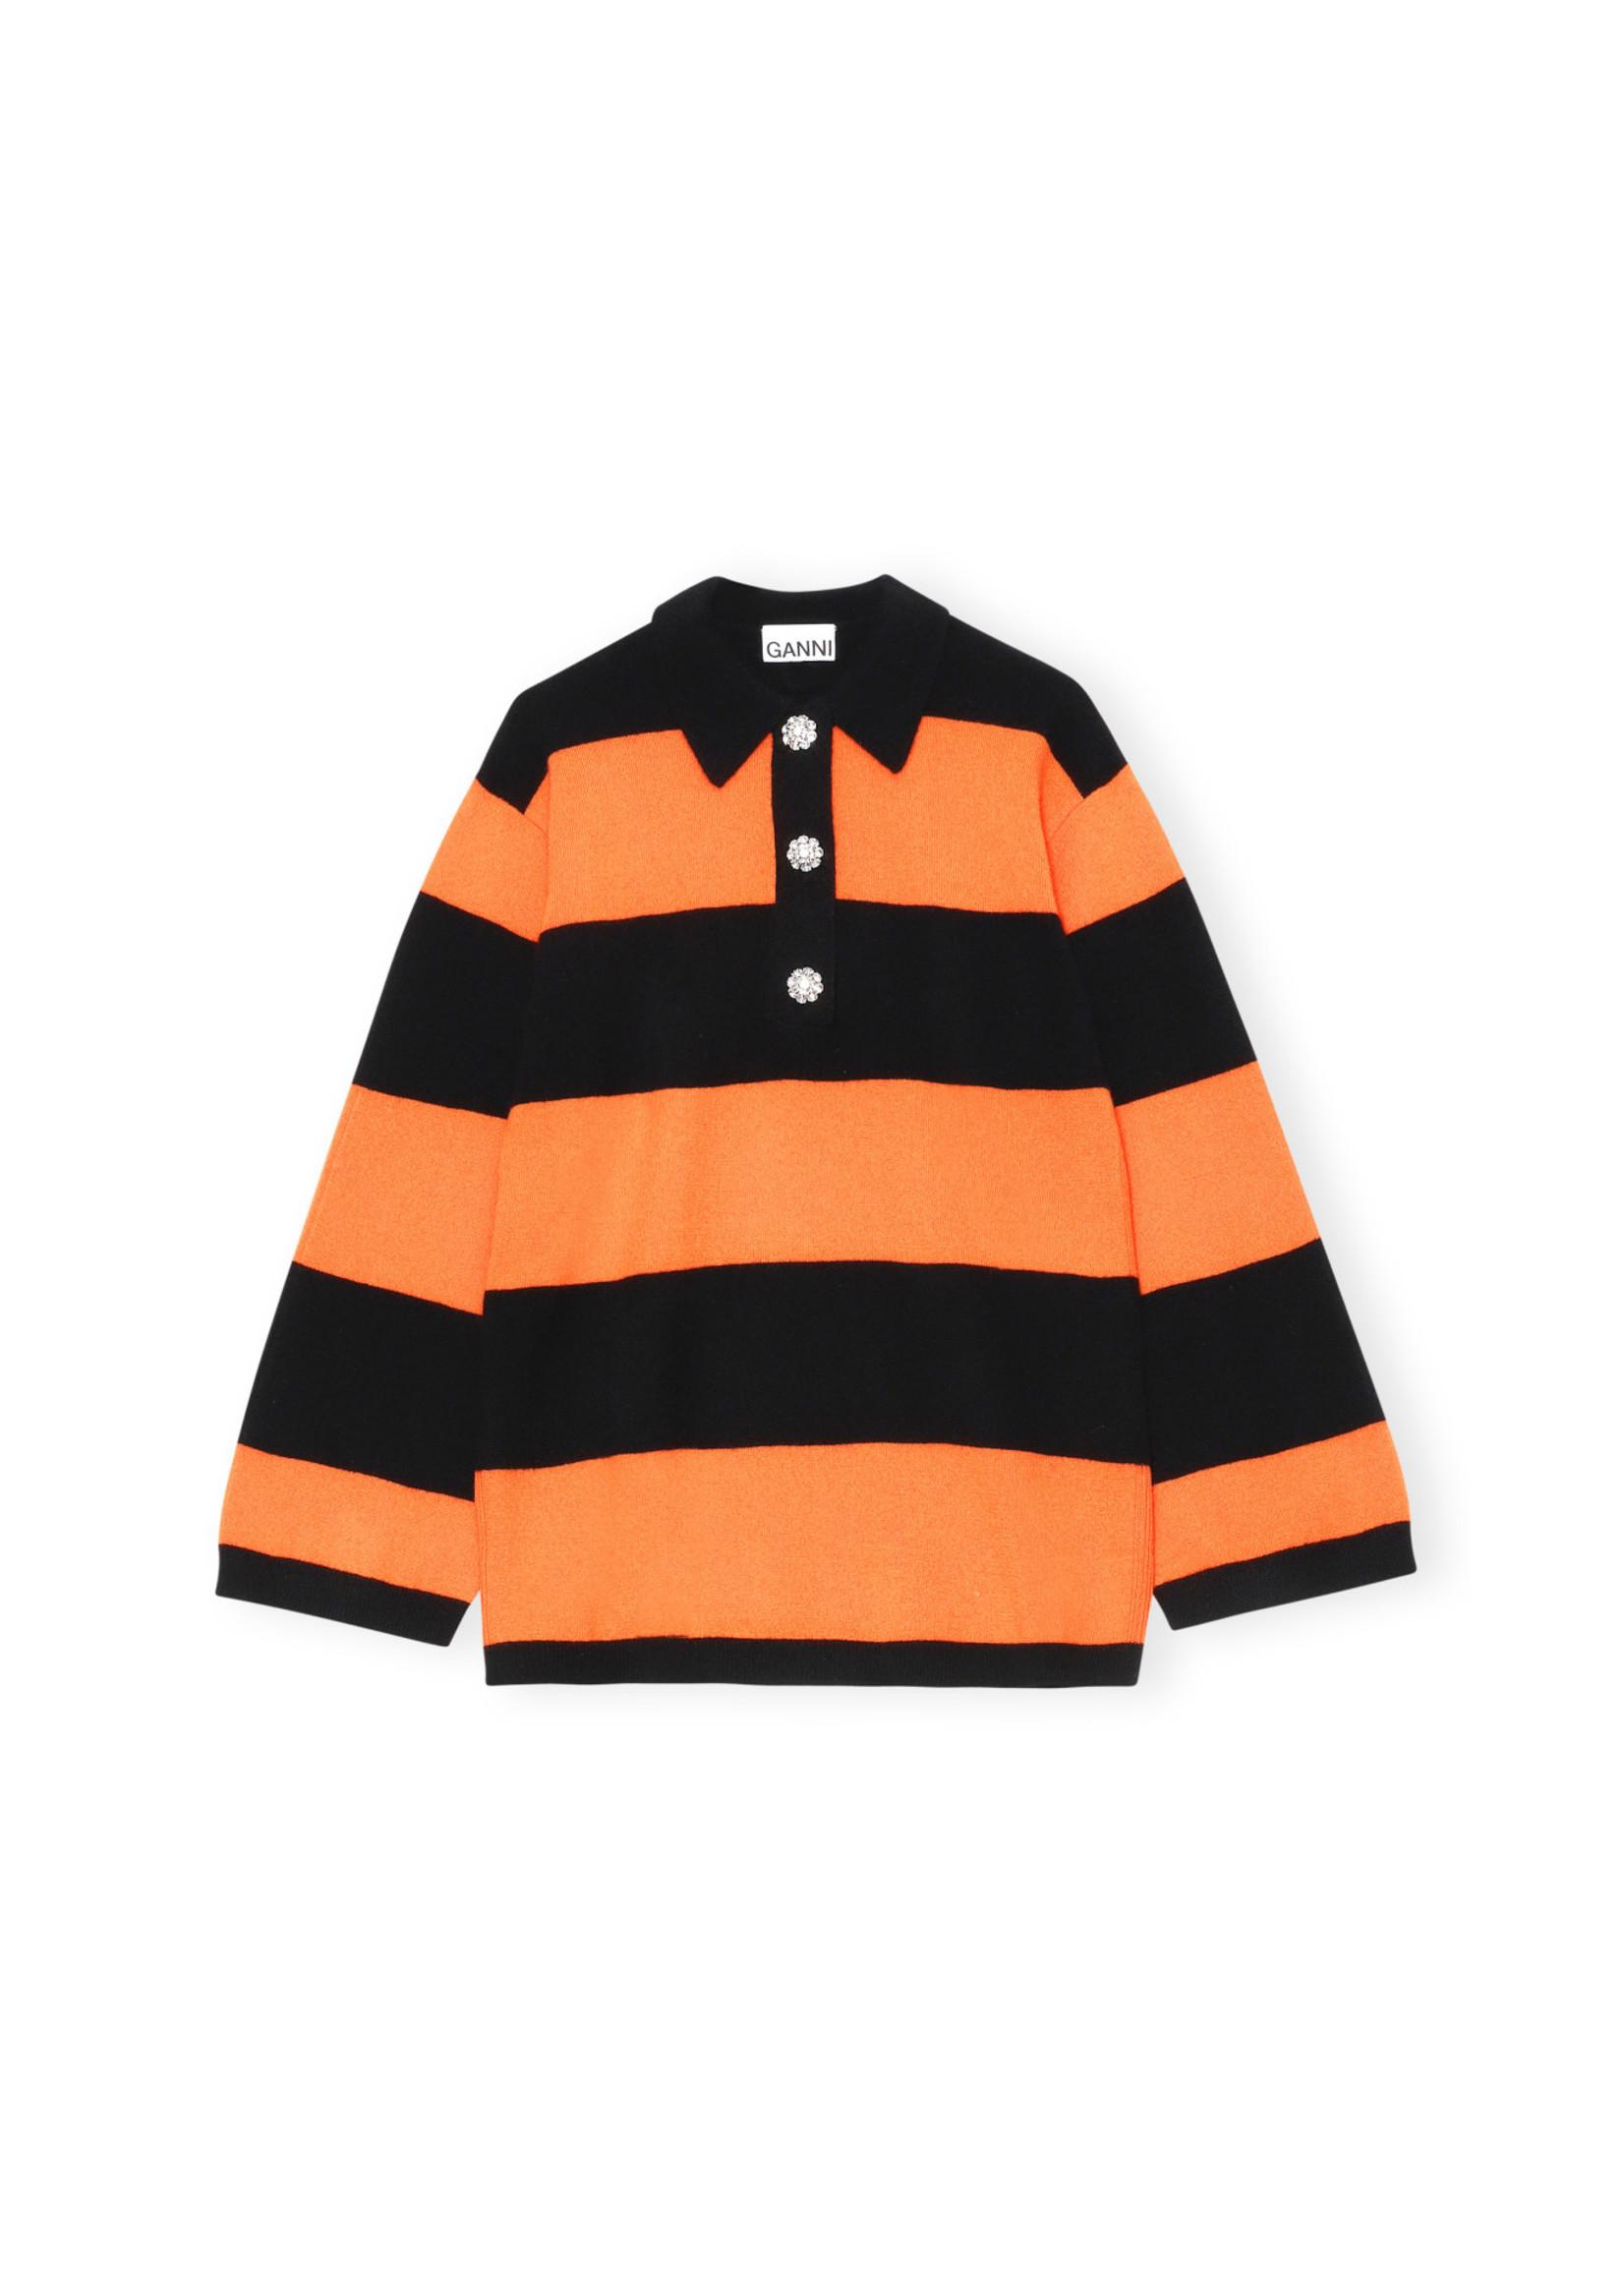 GANNI Cashmere Stripe Polo in Orange and Black